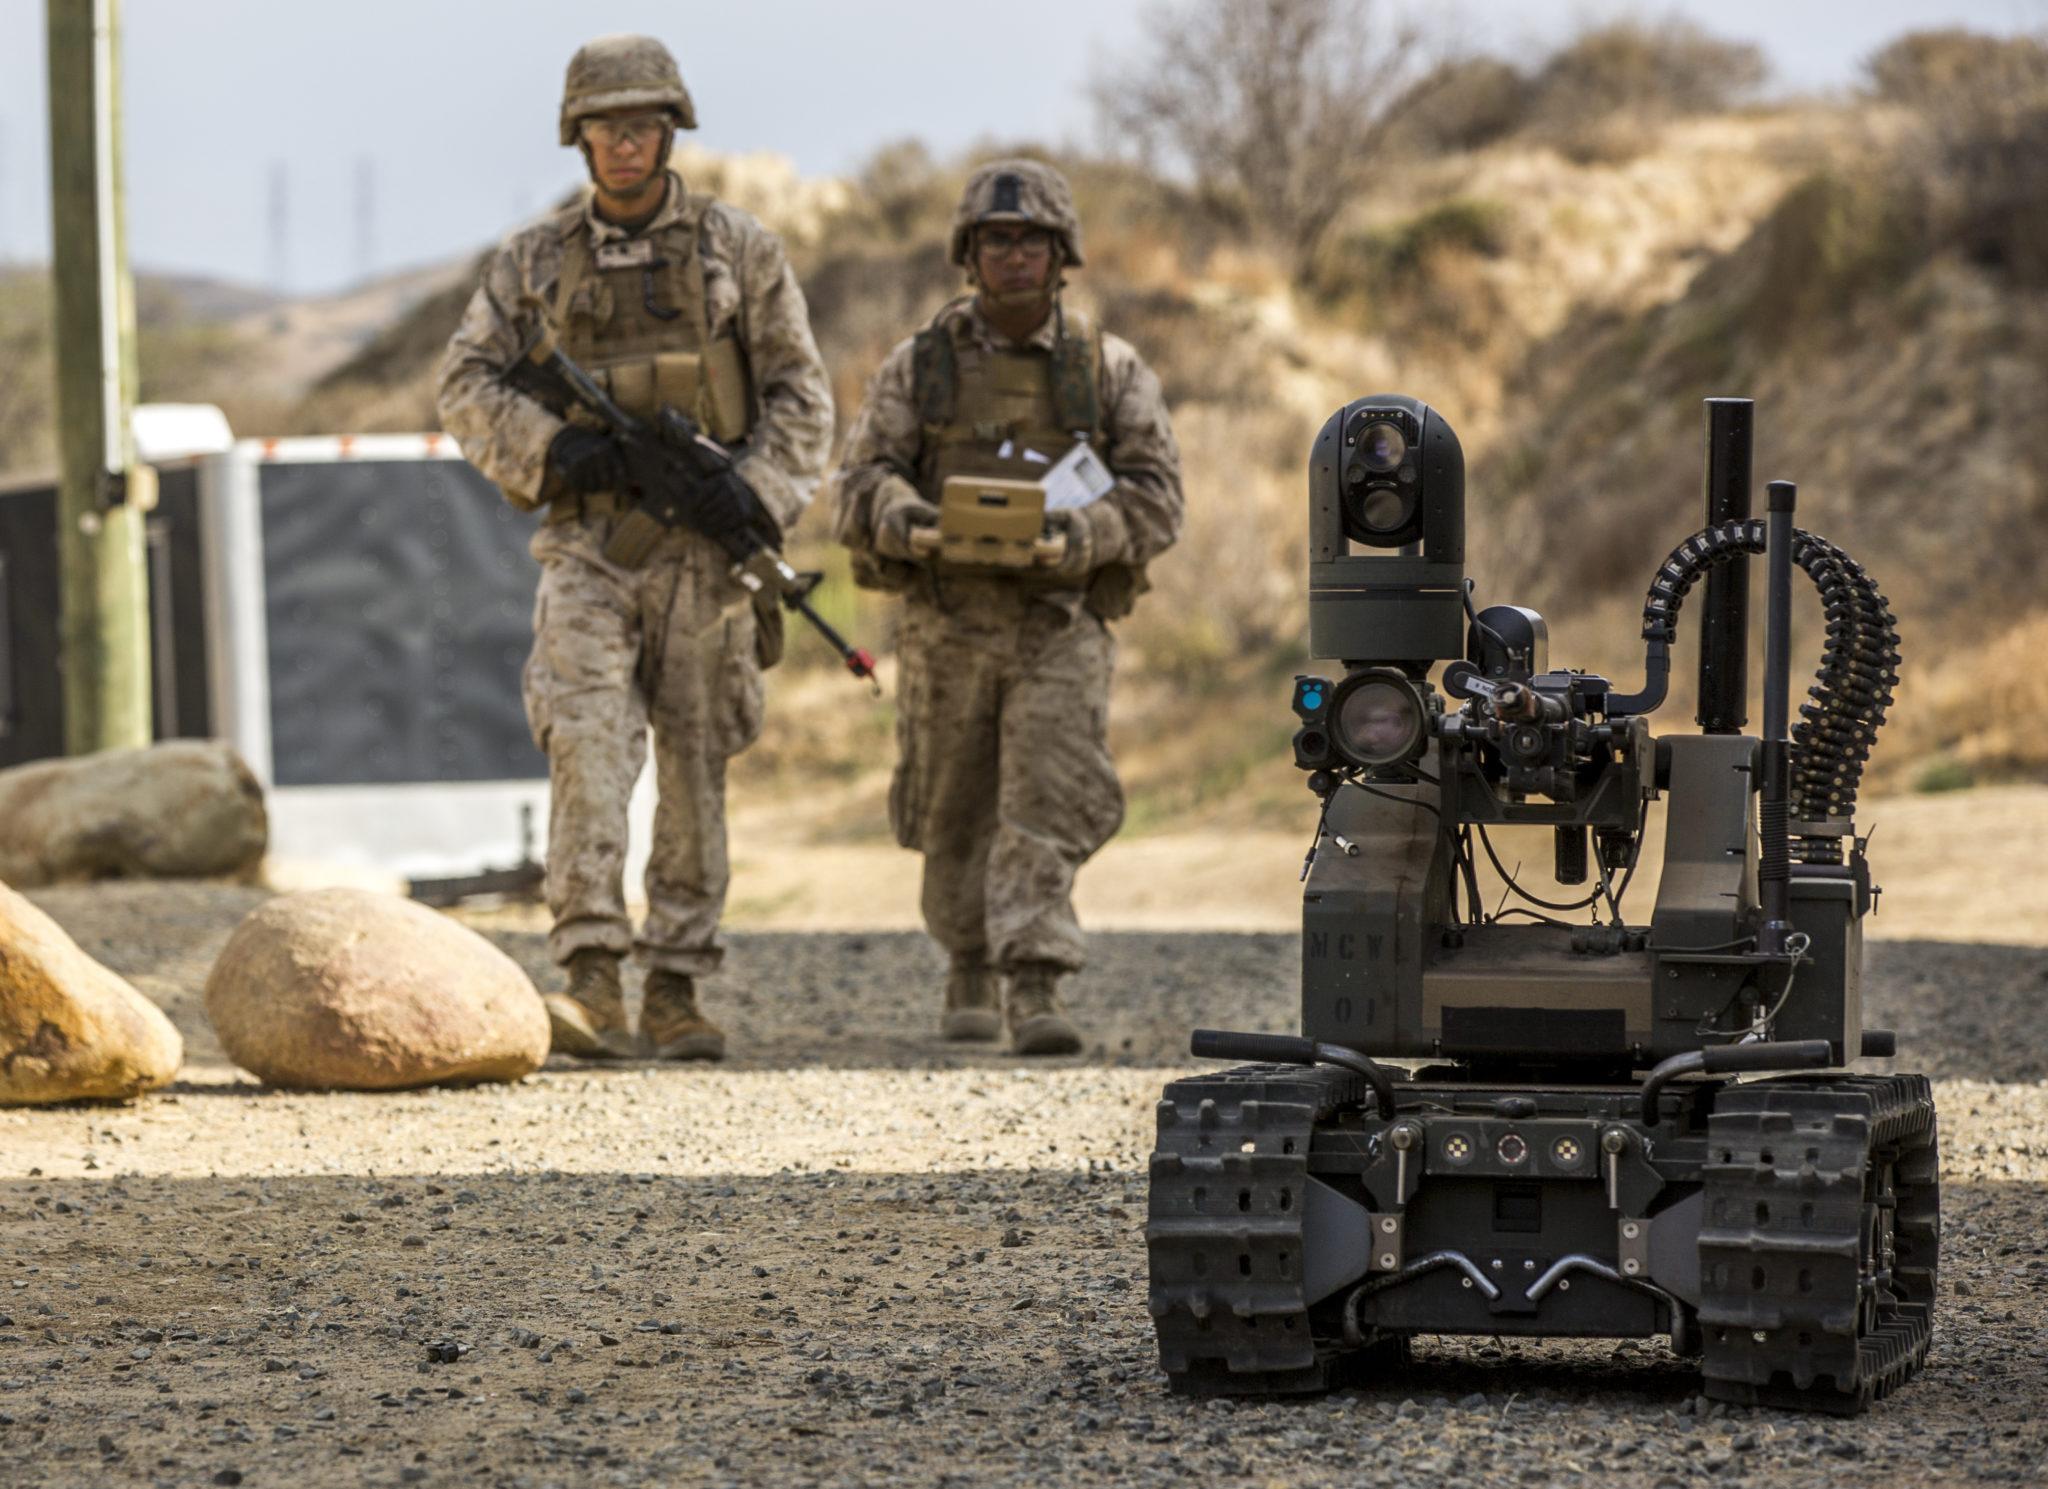 US-Marines auf Patrouille mit dem Maars-Roboter. Hier zu Testzwecken im Militärstützpunkt Pendelton in Kalifornien.